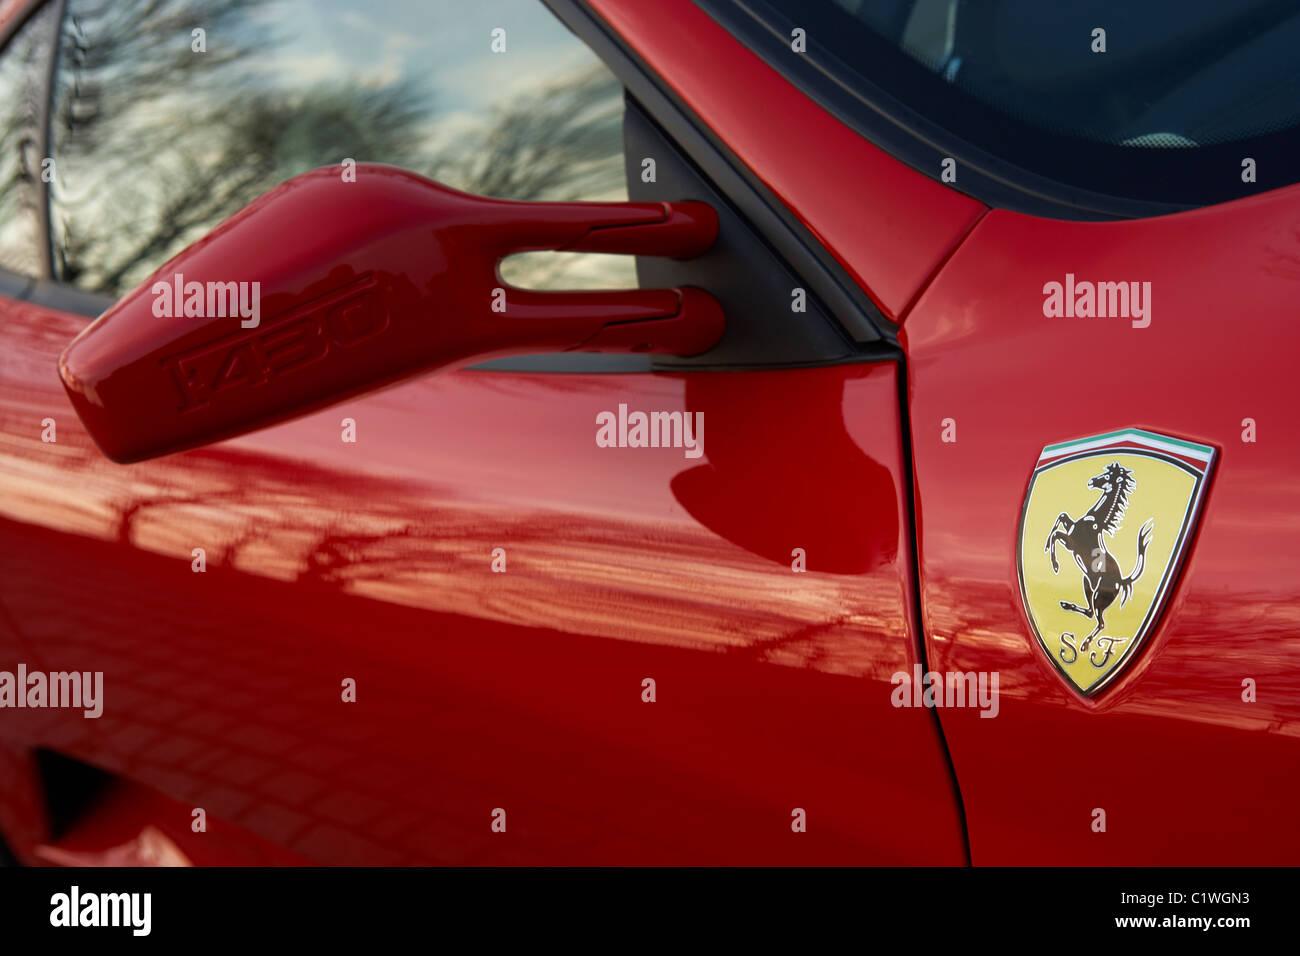 FERRARI F430 BADGE CLOSE UP - Stock Image